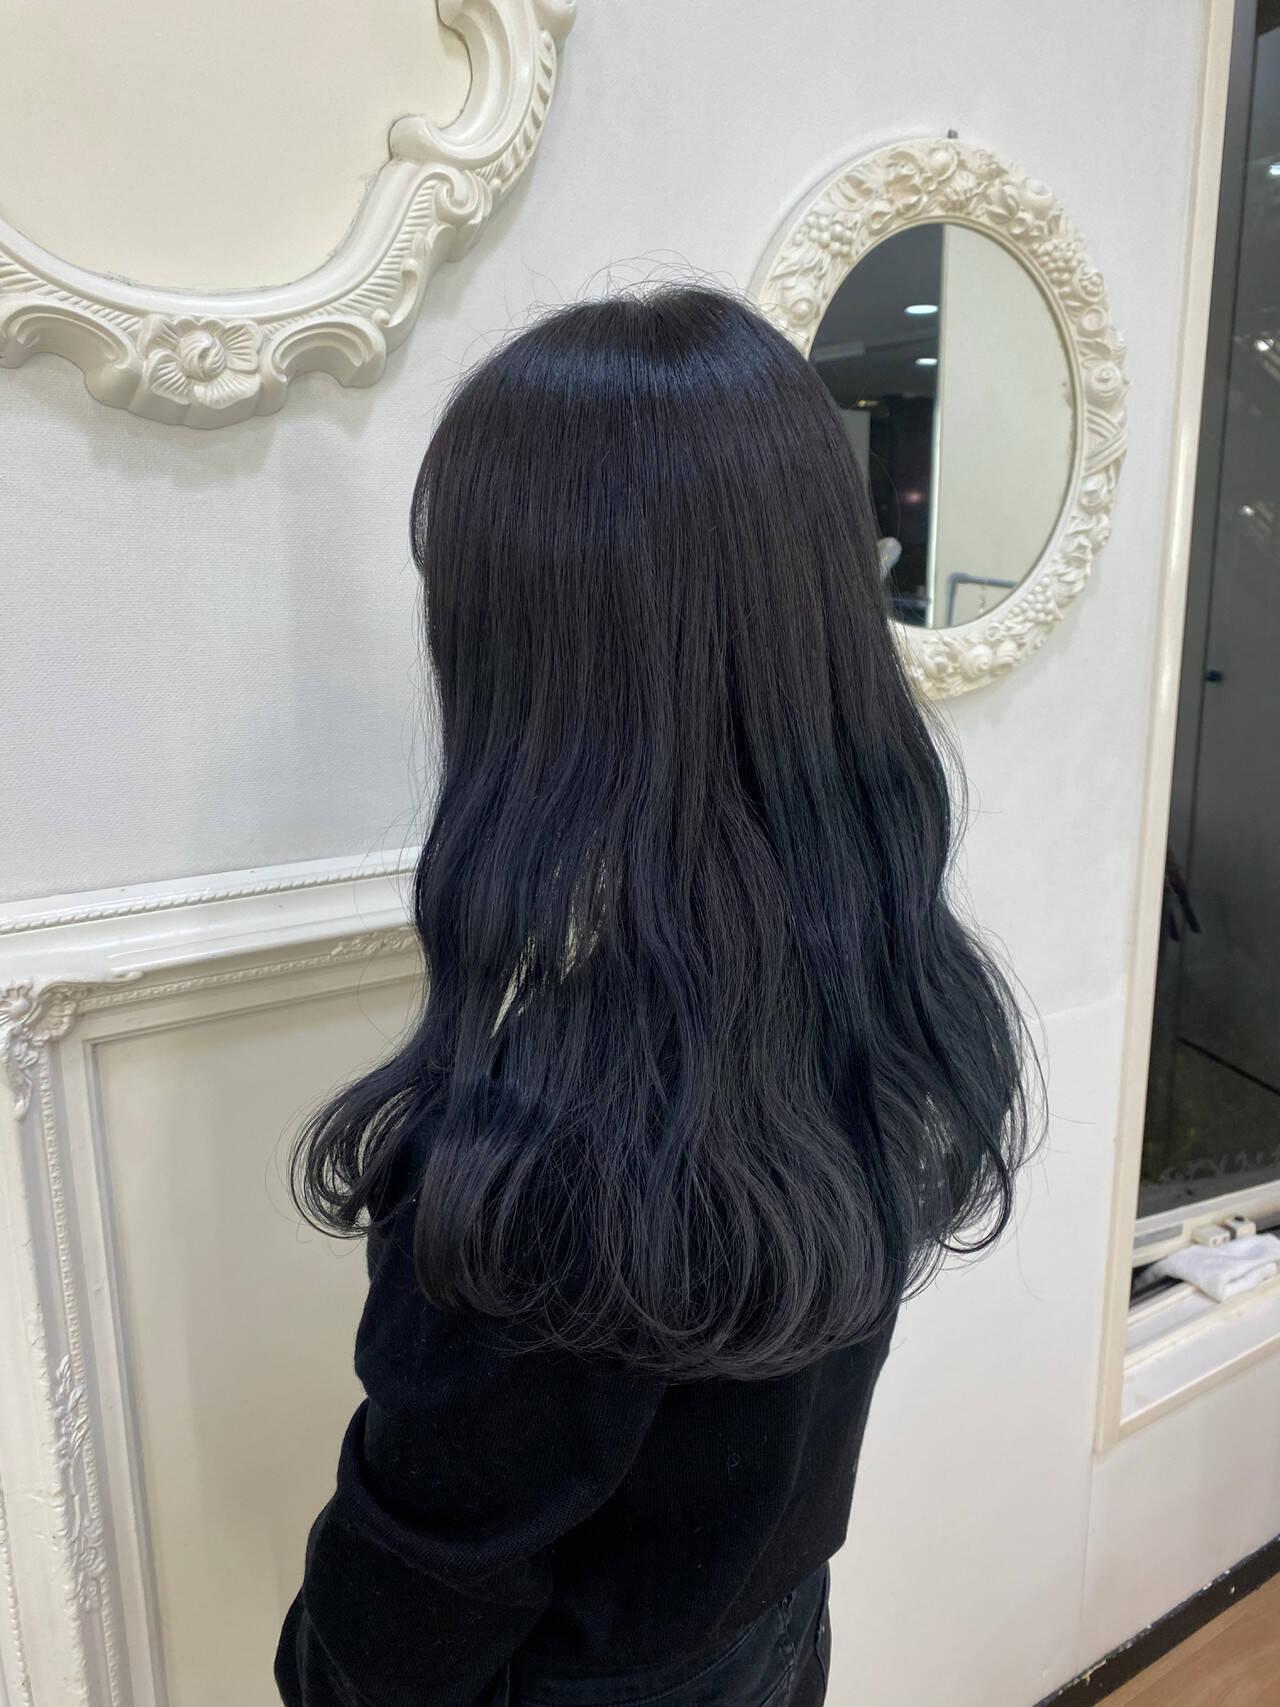 ブルーアッシュ ロング ブルージュ ブルーヘアスタイルや髪型の写真・画像